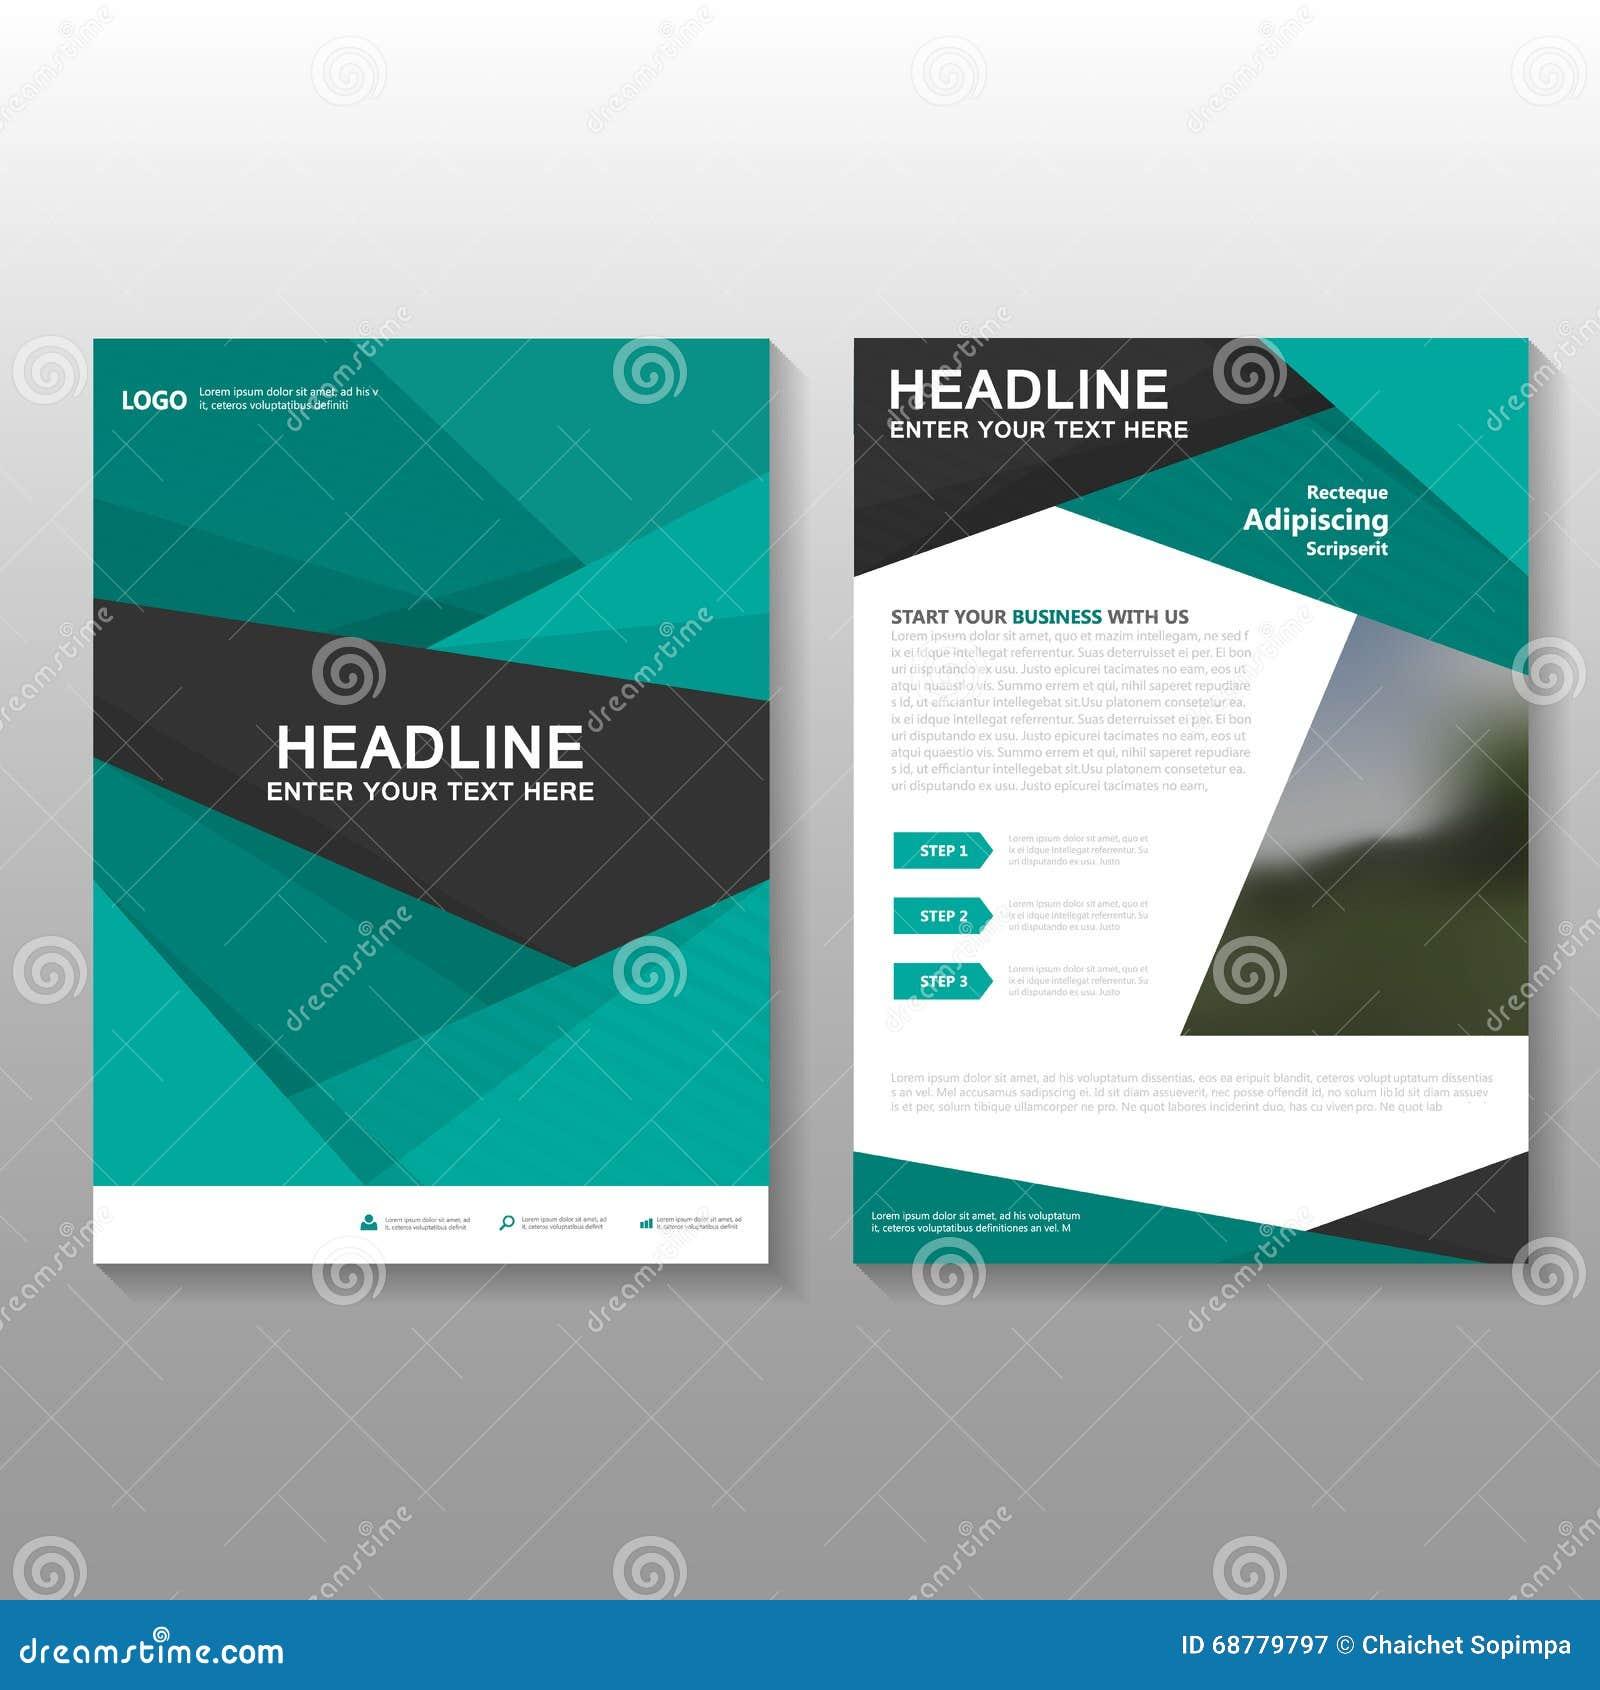 Το αφηρημένο πράσινο διανυσματικό σχέδιο προτύπων επιχειρησιακών προτάσεων ιπτάμενων φυλλάδιων φυλλάδιων, σχέδιο σχεδιαγράμματος